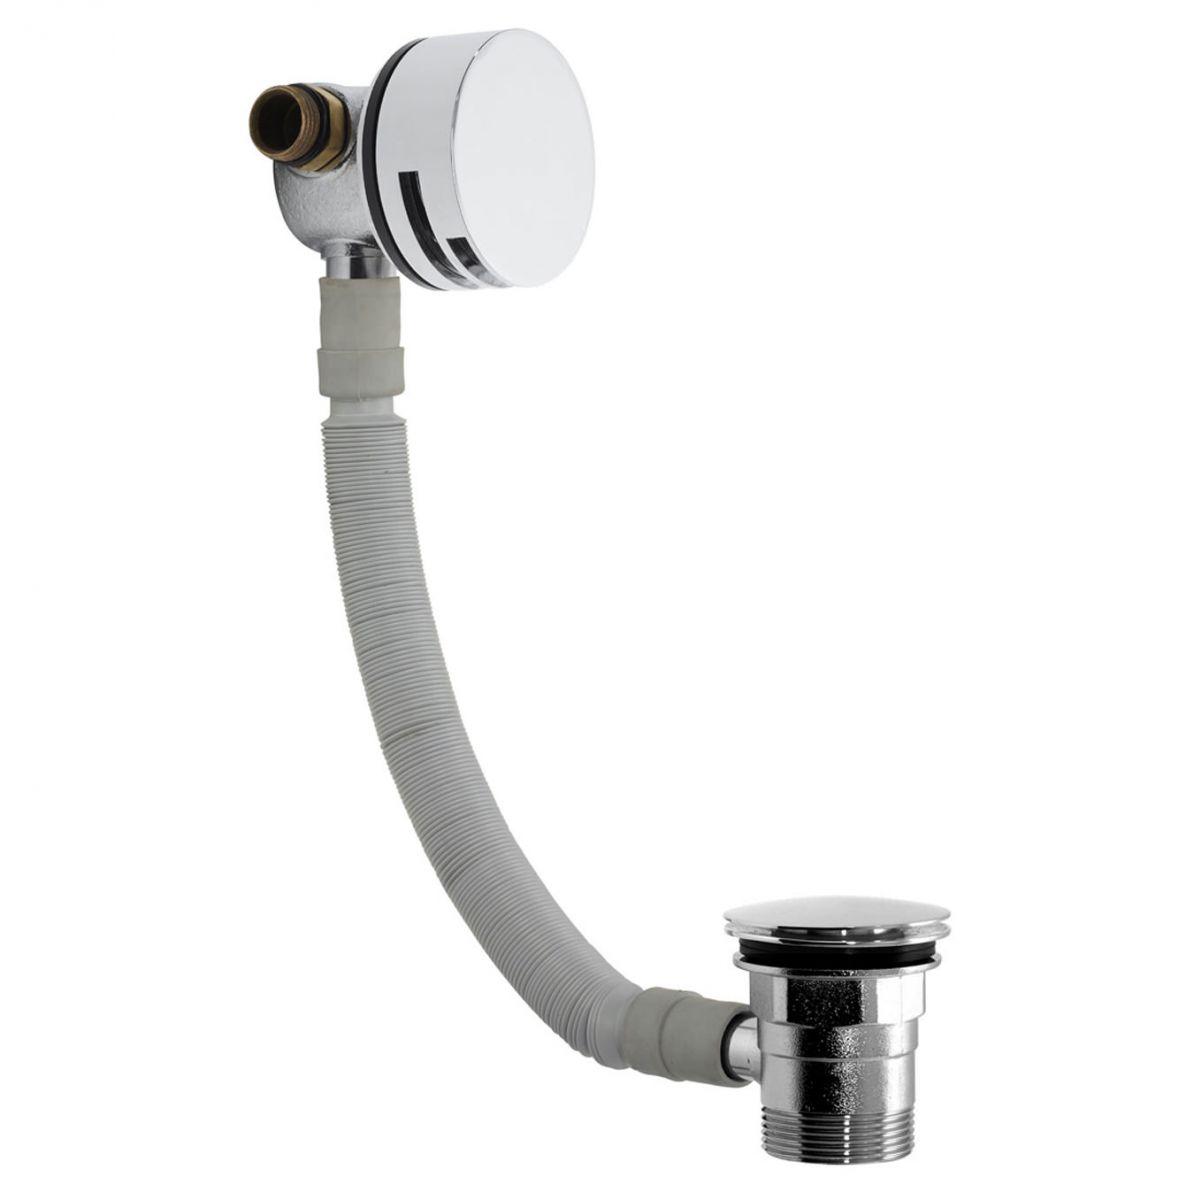 Roper Rhodes Smartflow Round Bath Filler - SVACS02